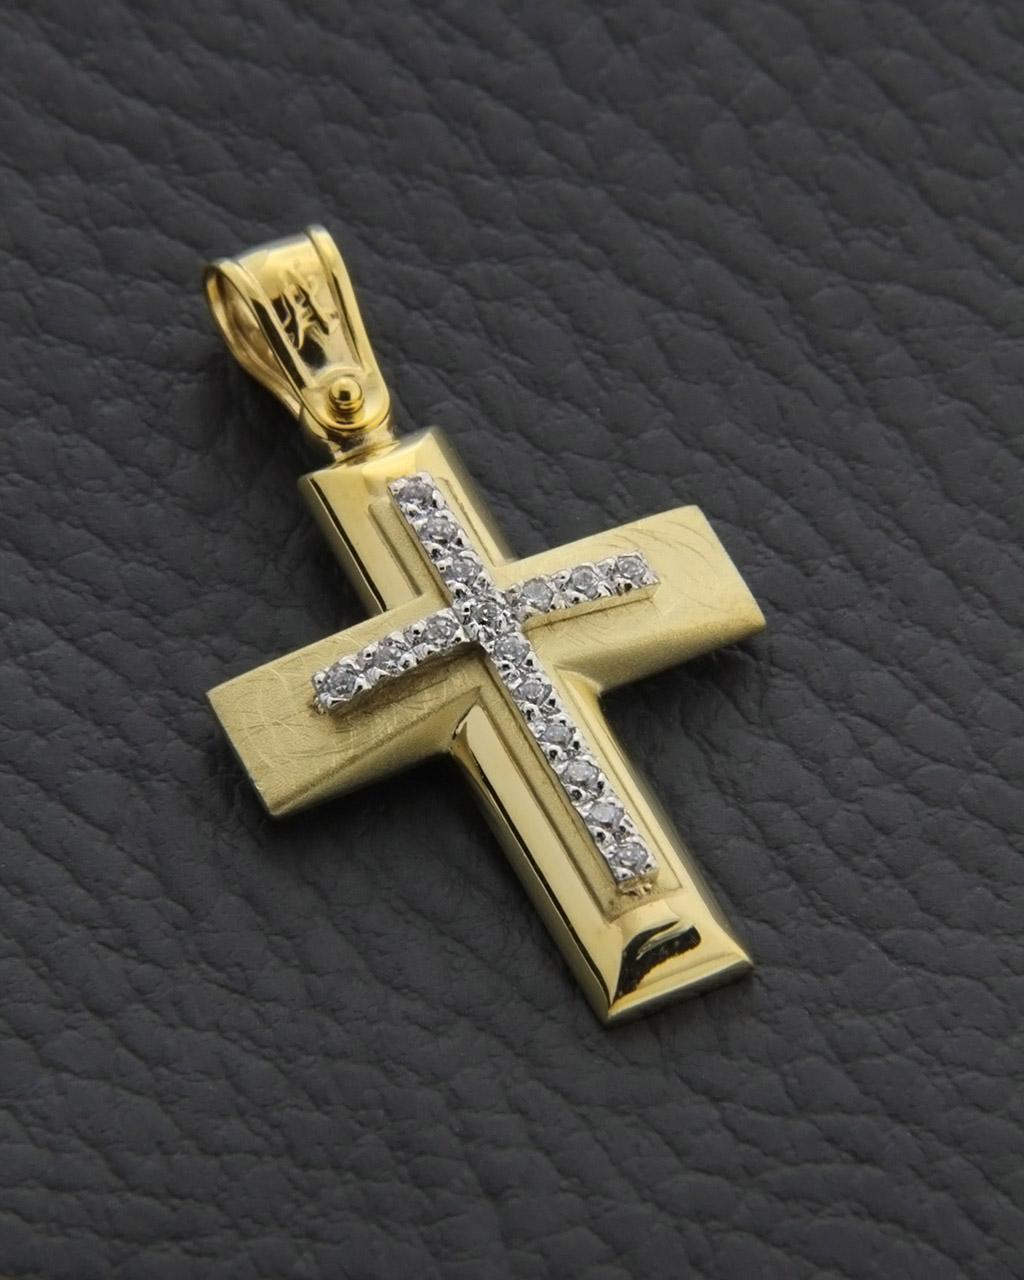 Σταυρός βάπτισης χρυσός και λευκόχρυσος Κ14 με ζιργκόν